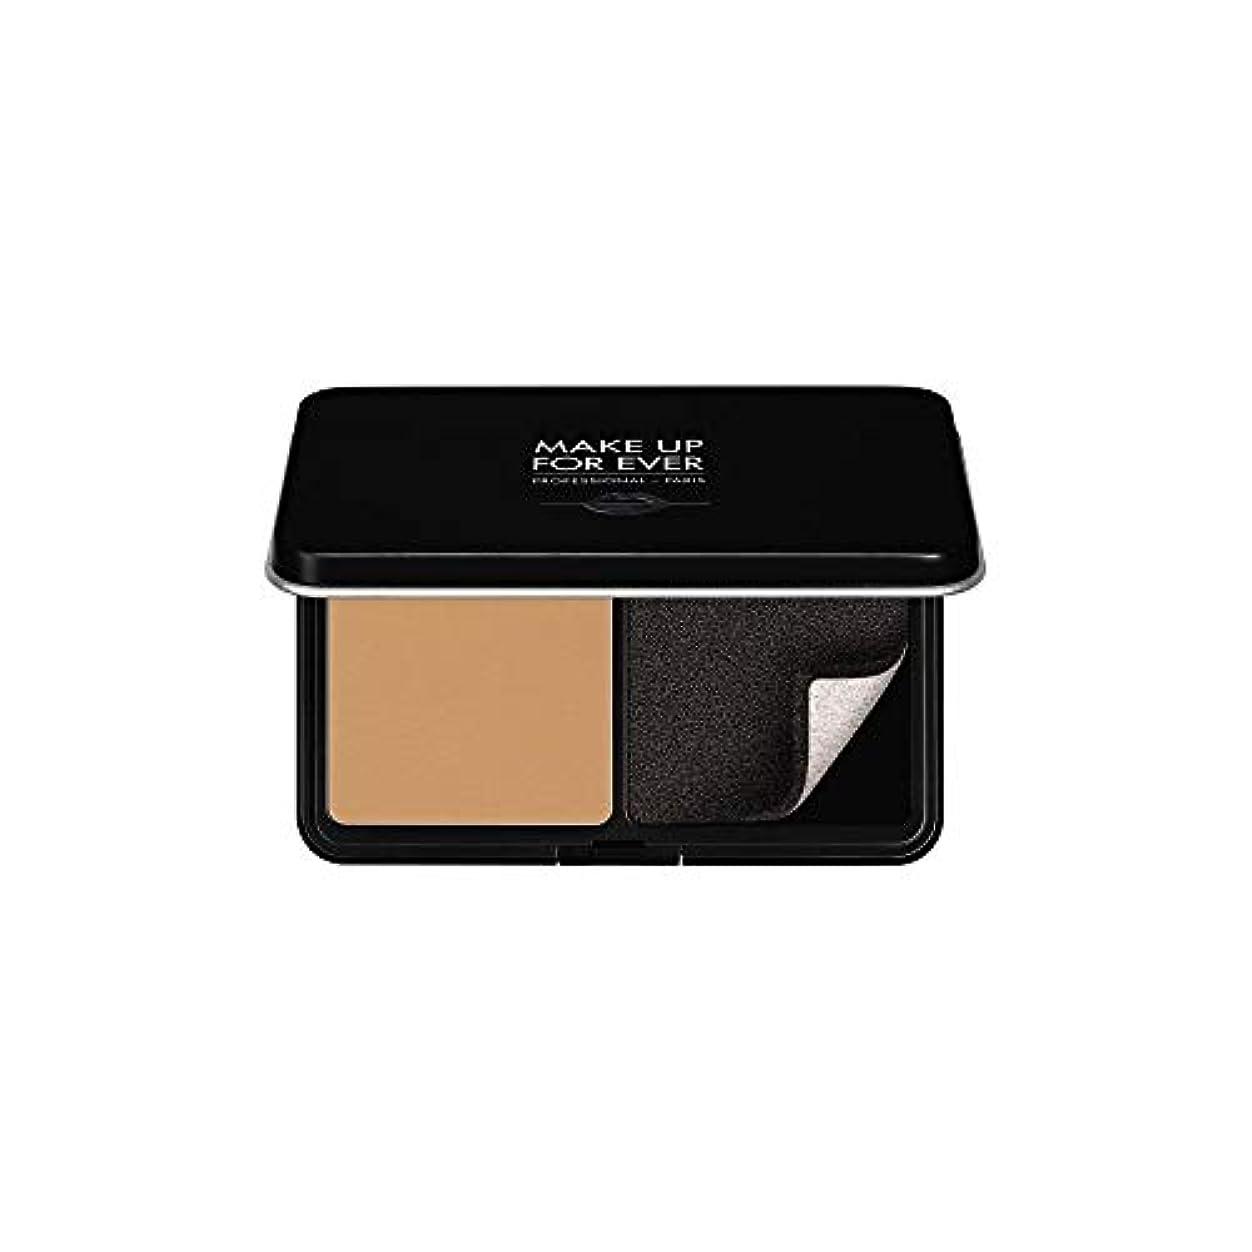 ばかげた騒々しい肉腫メイクアップフォーエバー Matte Velvet Skin Blurring Powder Foundation - # Y365 (Desert) 11g/0.38oz並行輸入品